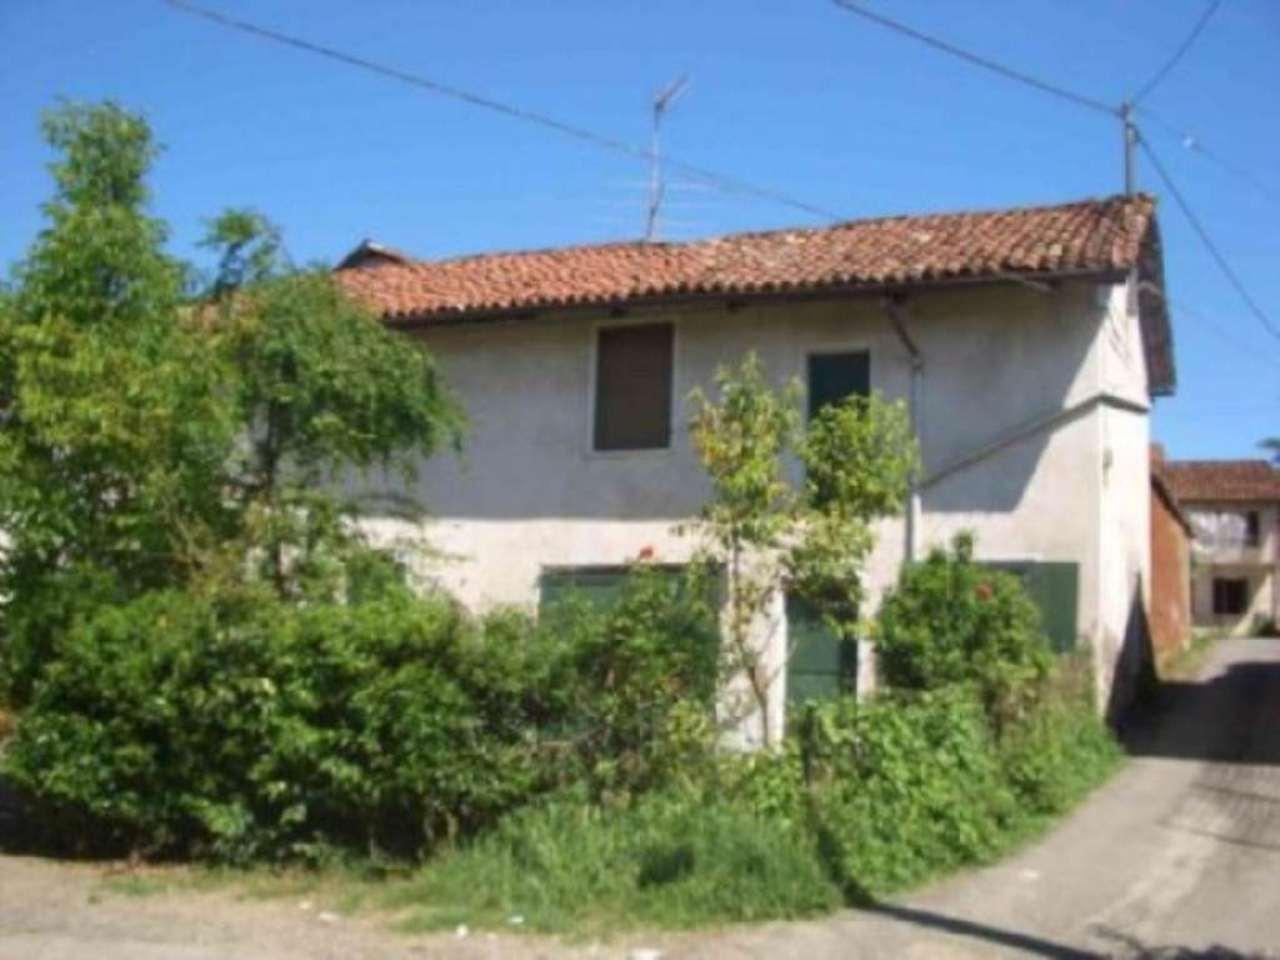 Soluzione Indipendente in vendita a Piea, 4 locali, prezzo € 33.000 | Cambio Casa.it